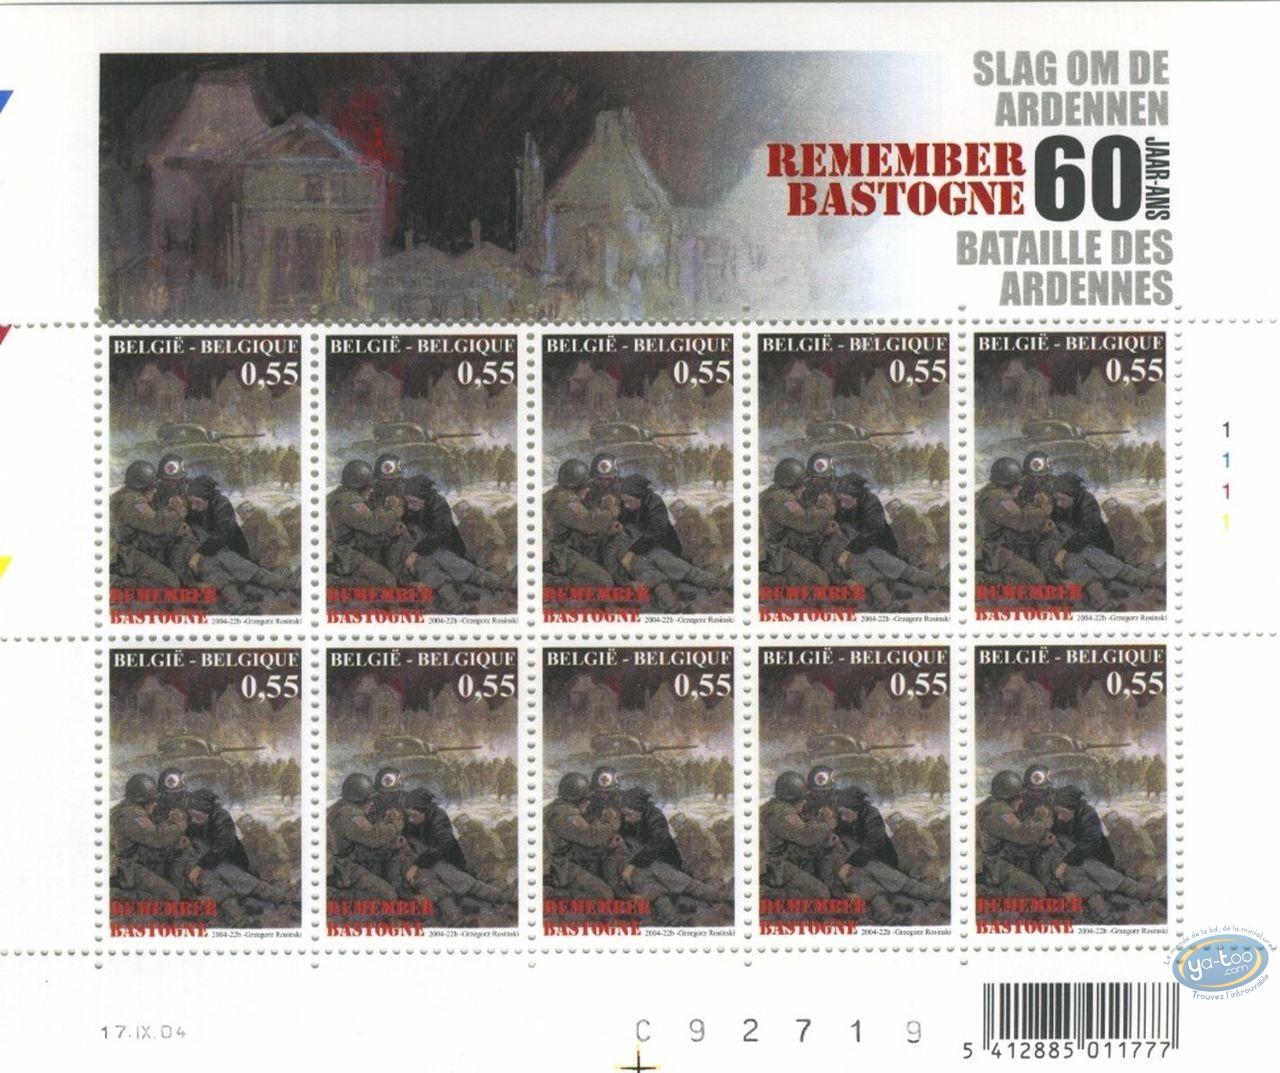 Timbre, Bataille des Ardennes (La) : Planche de 10 timbres Croix Rouge, Remember Bastogne